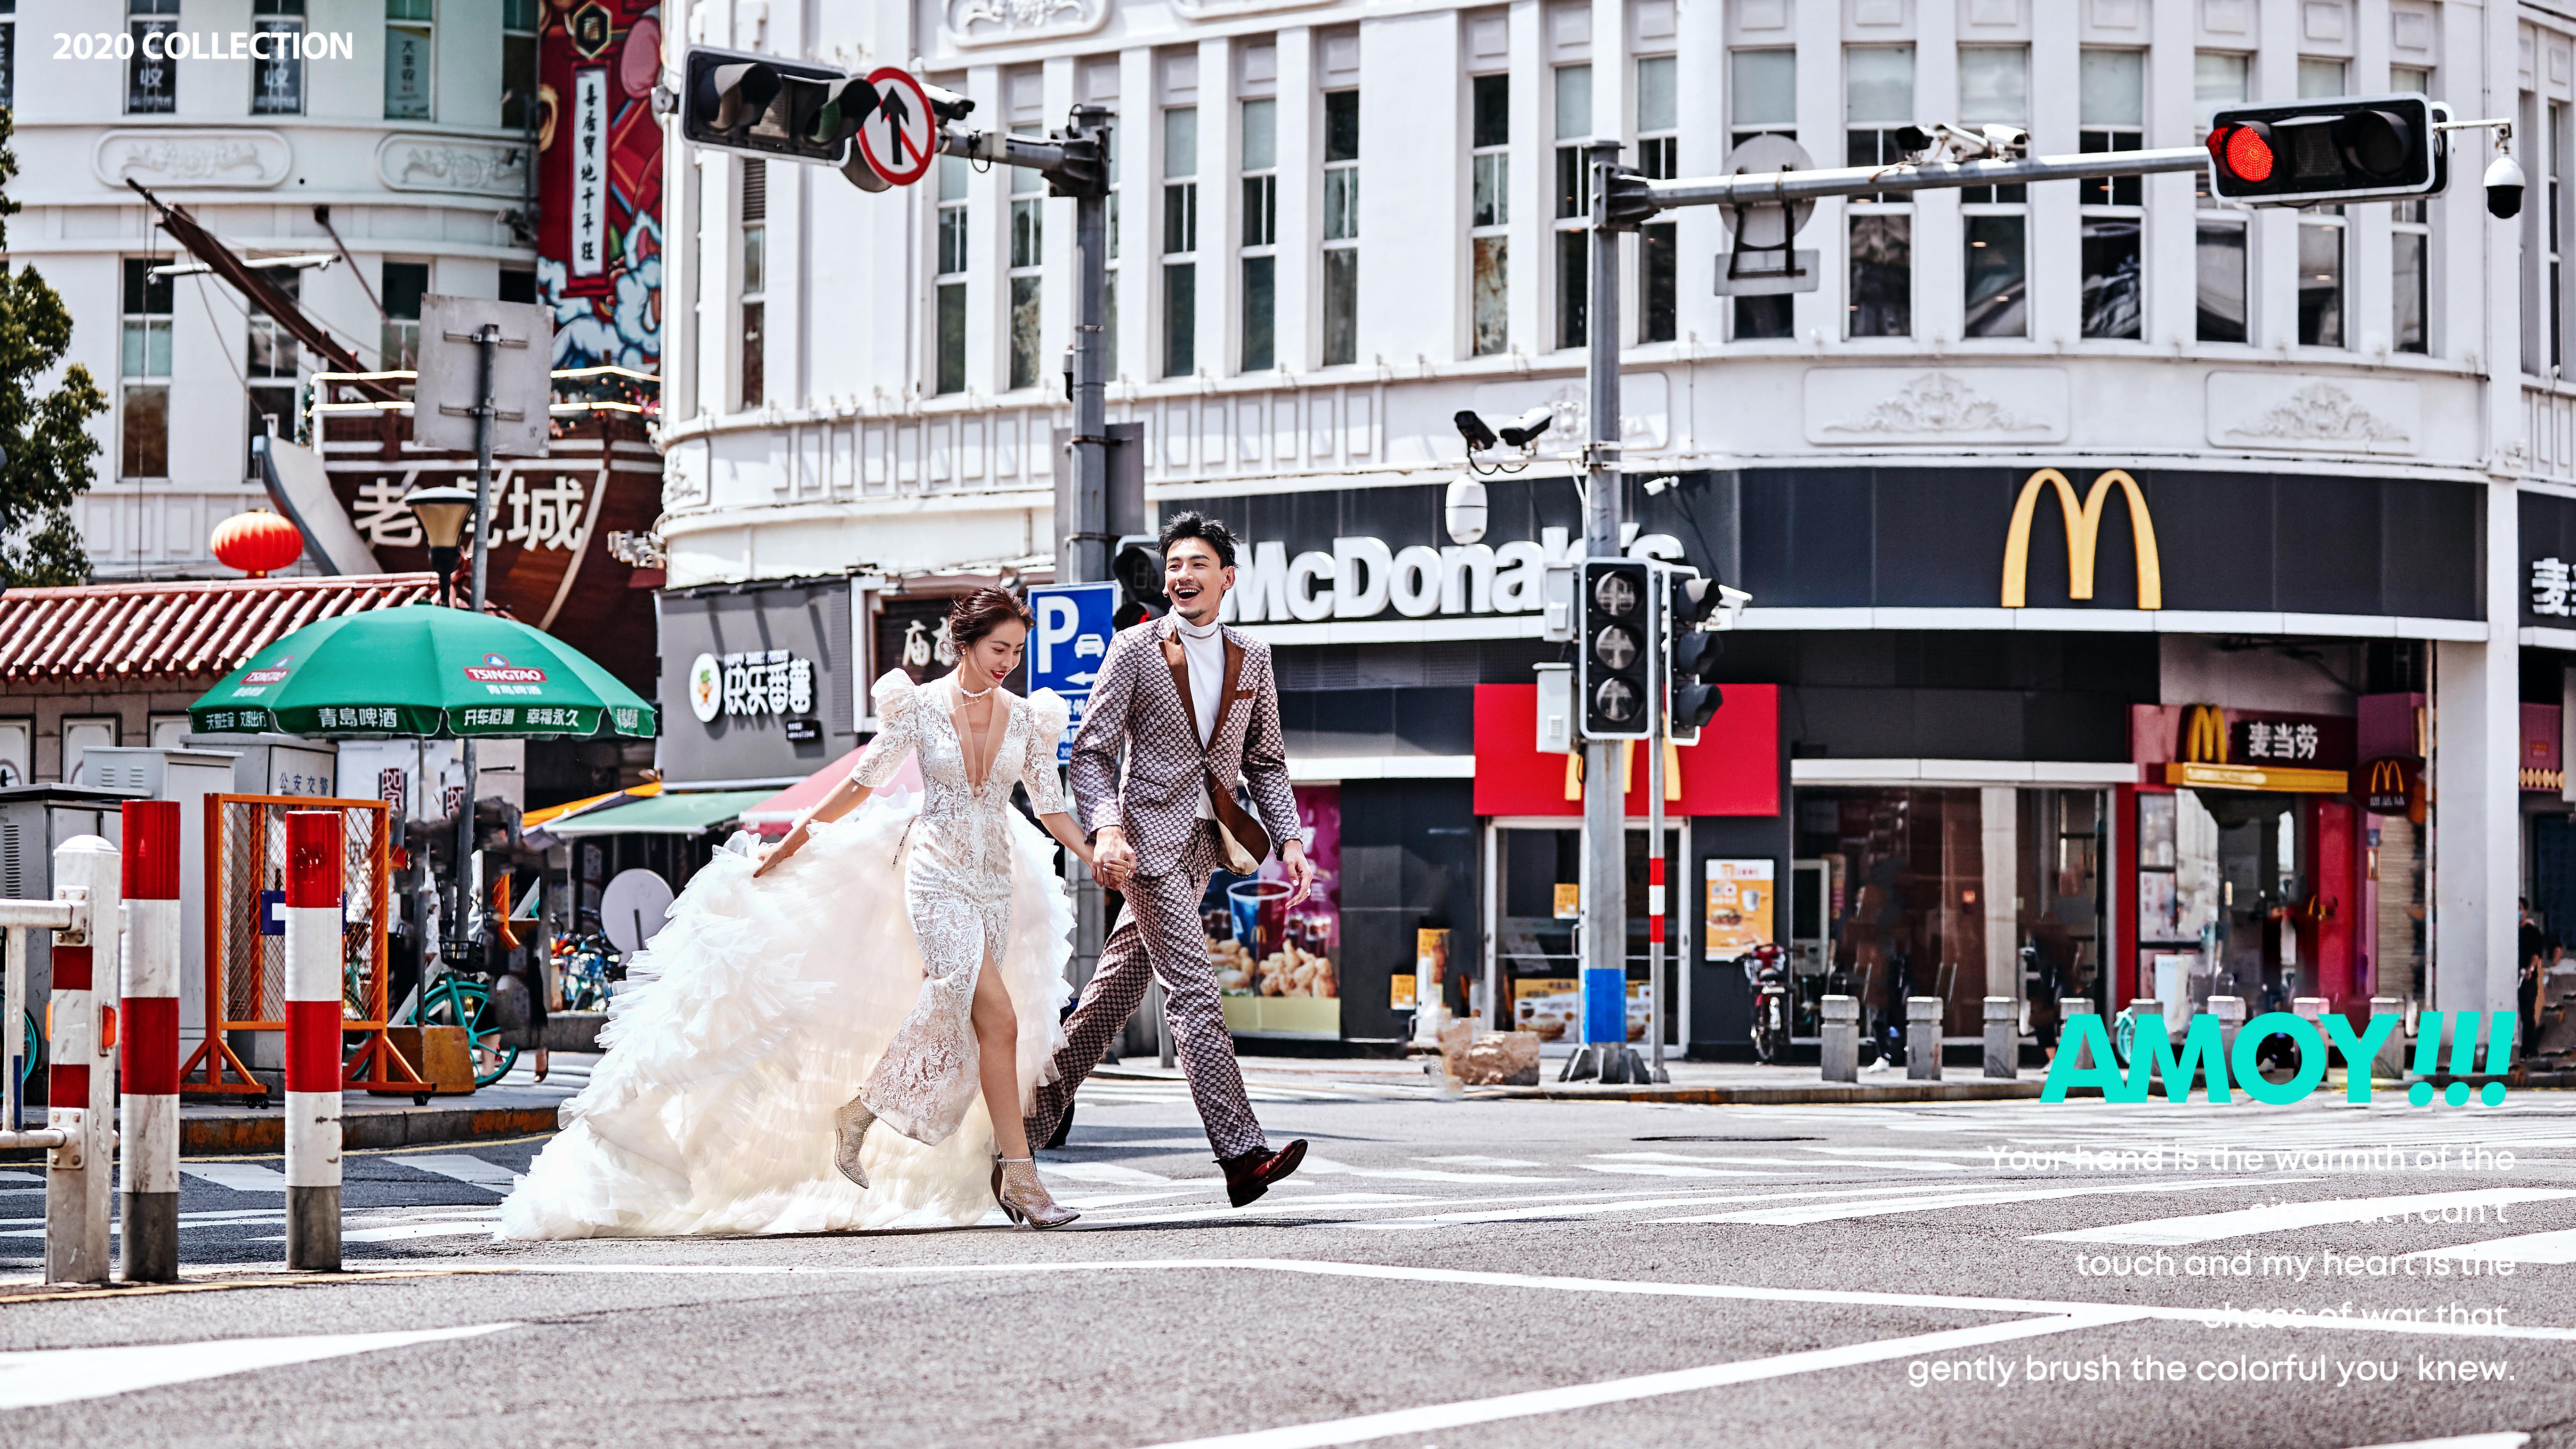 婚纱照怎么拍出大片效果 厦门婚纱照拍摄技巧讲解